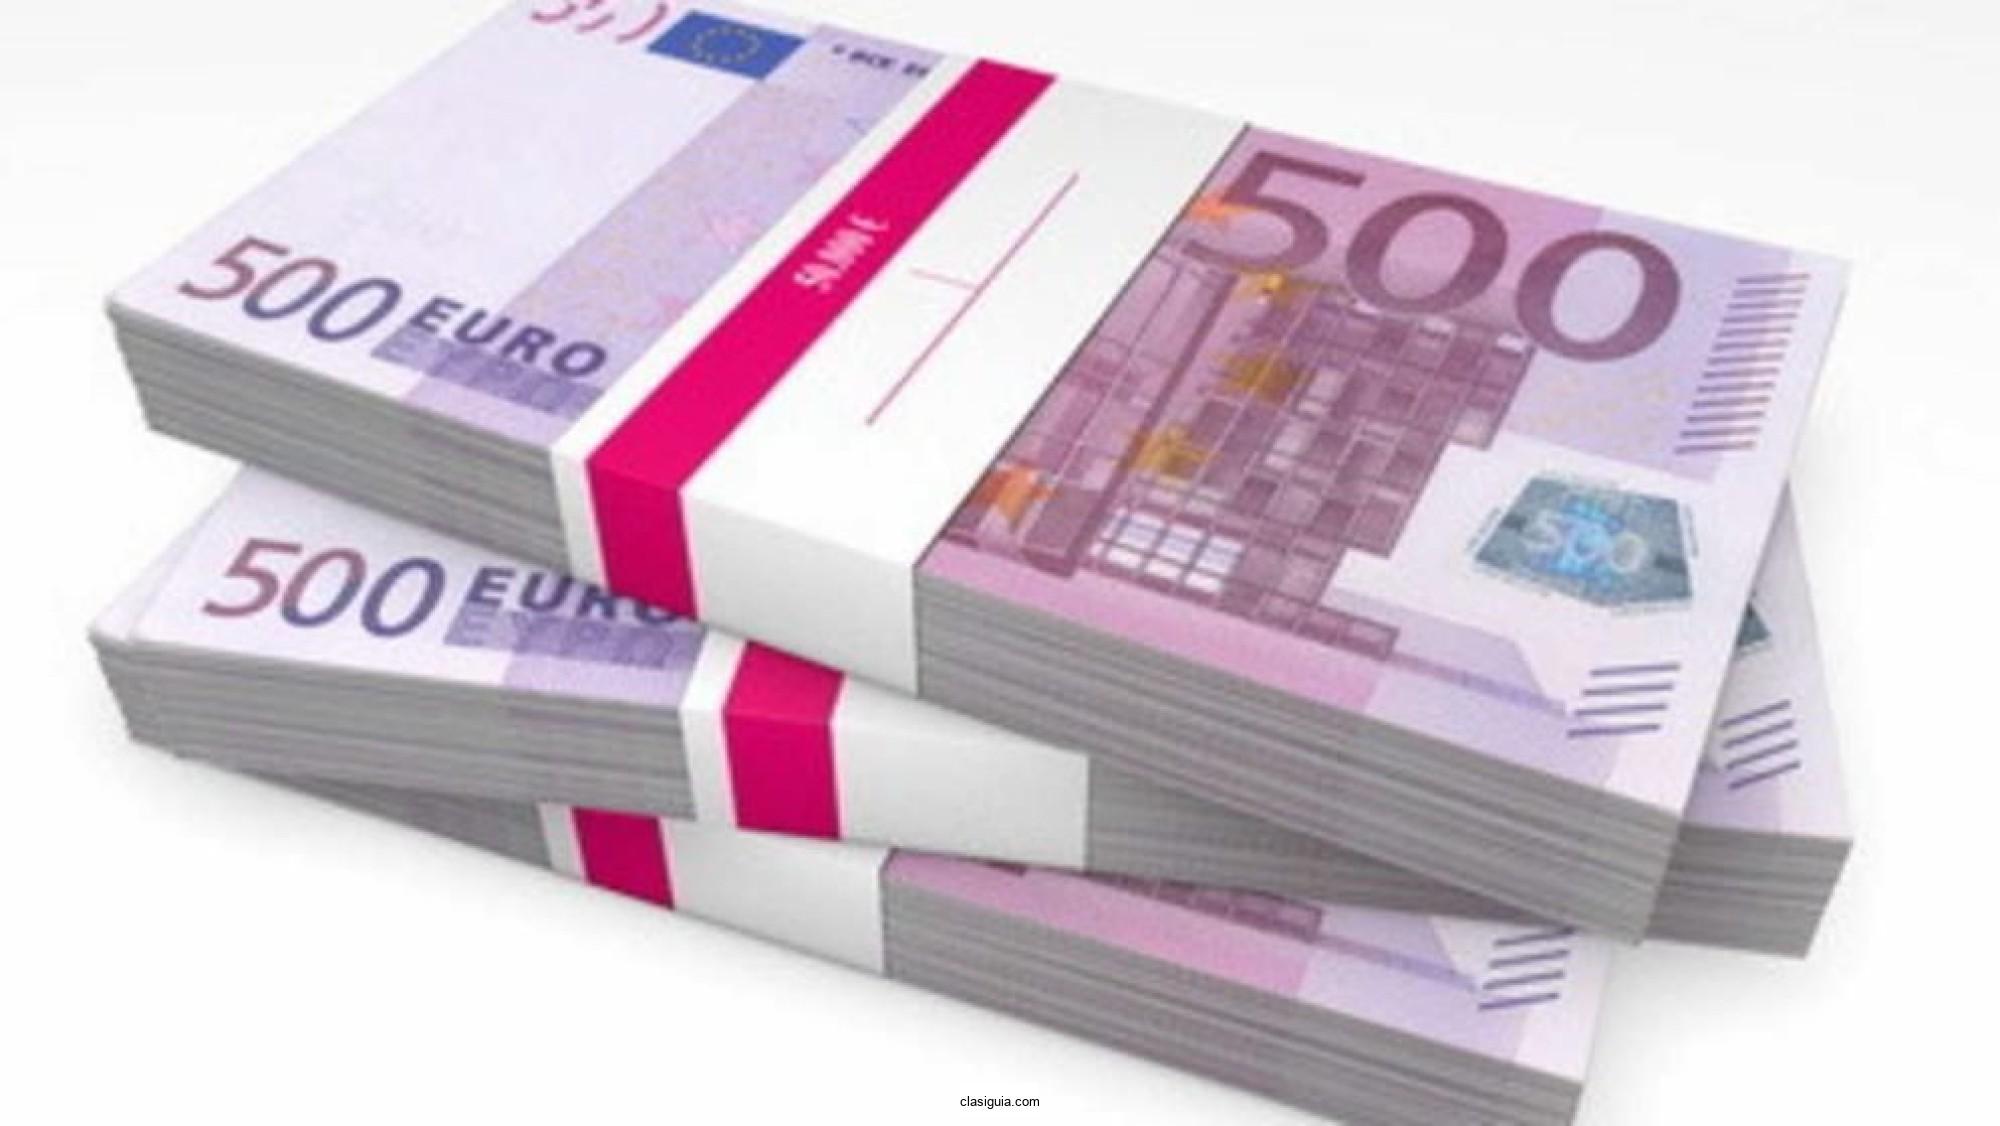 Oferta de préstamo seria y honesta en Francia Durand123credito@gmail.com